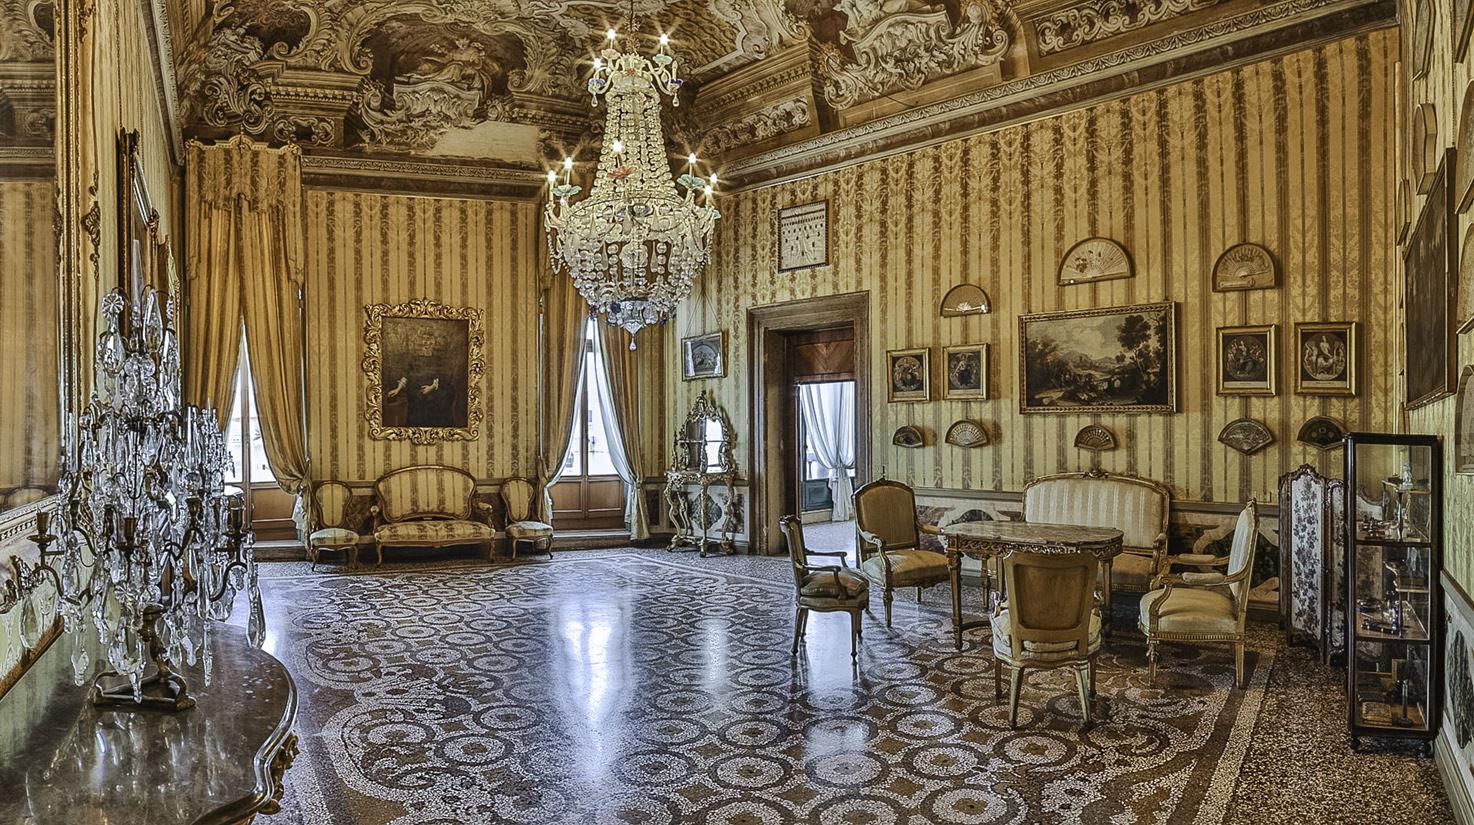 Palazzo Pisani Moretta, Apollo Hall